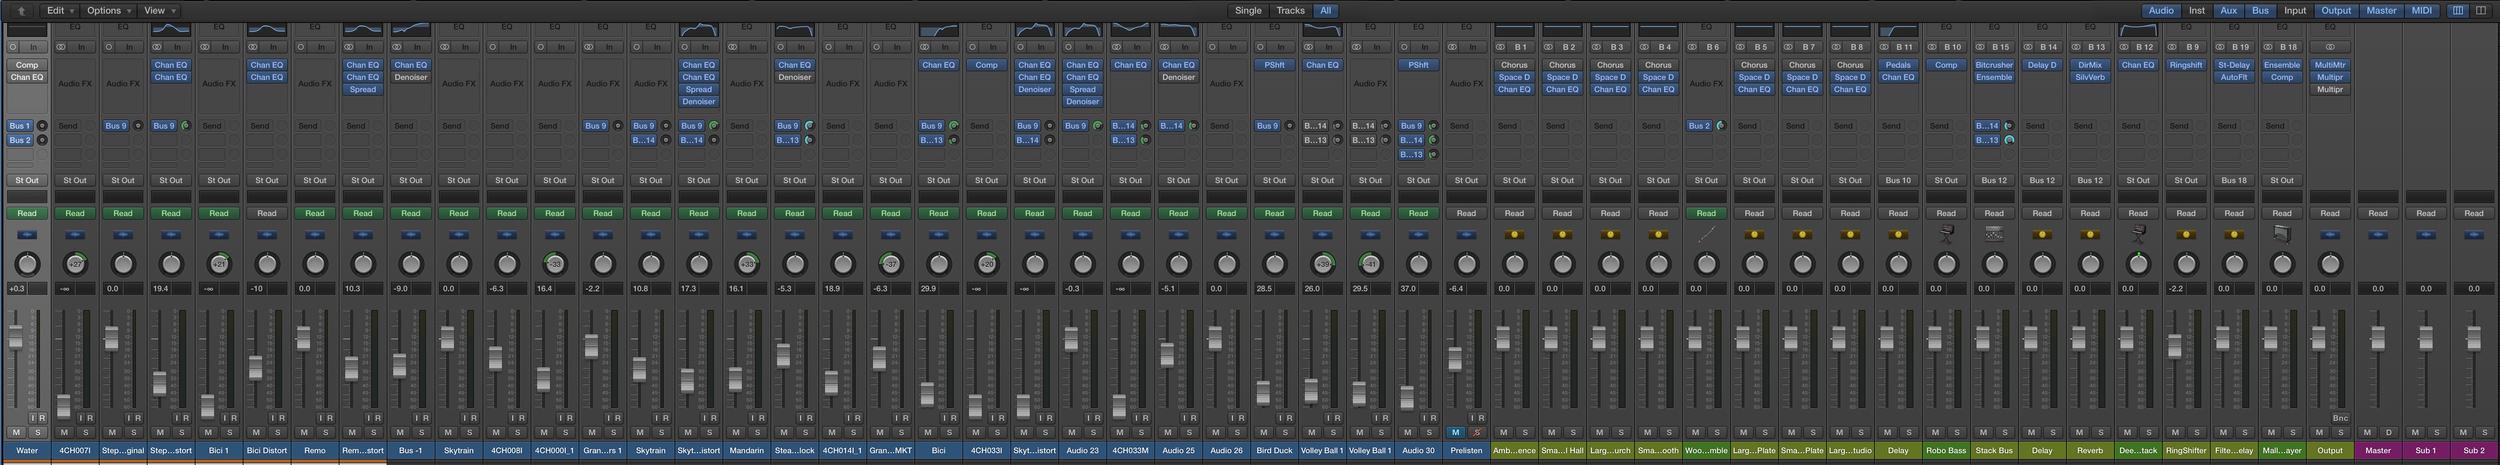 Dopler_Mixer.jpg